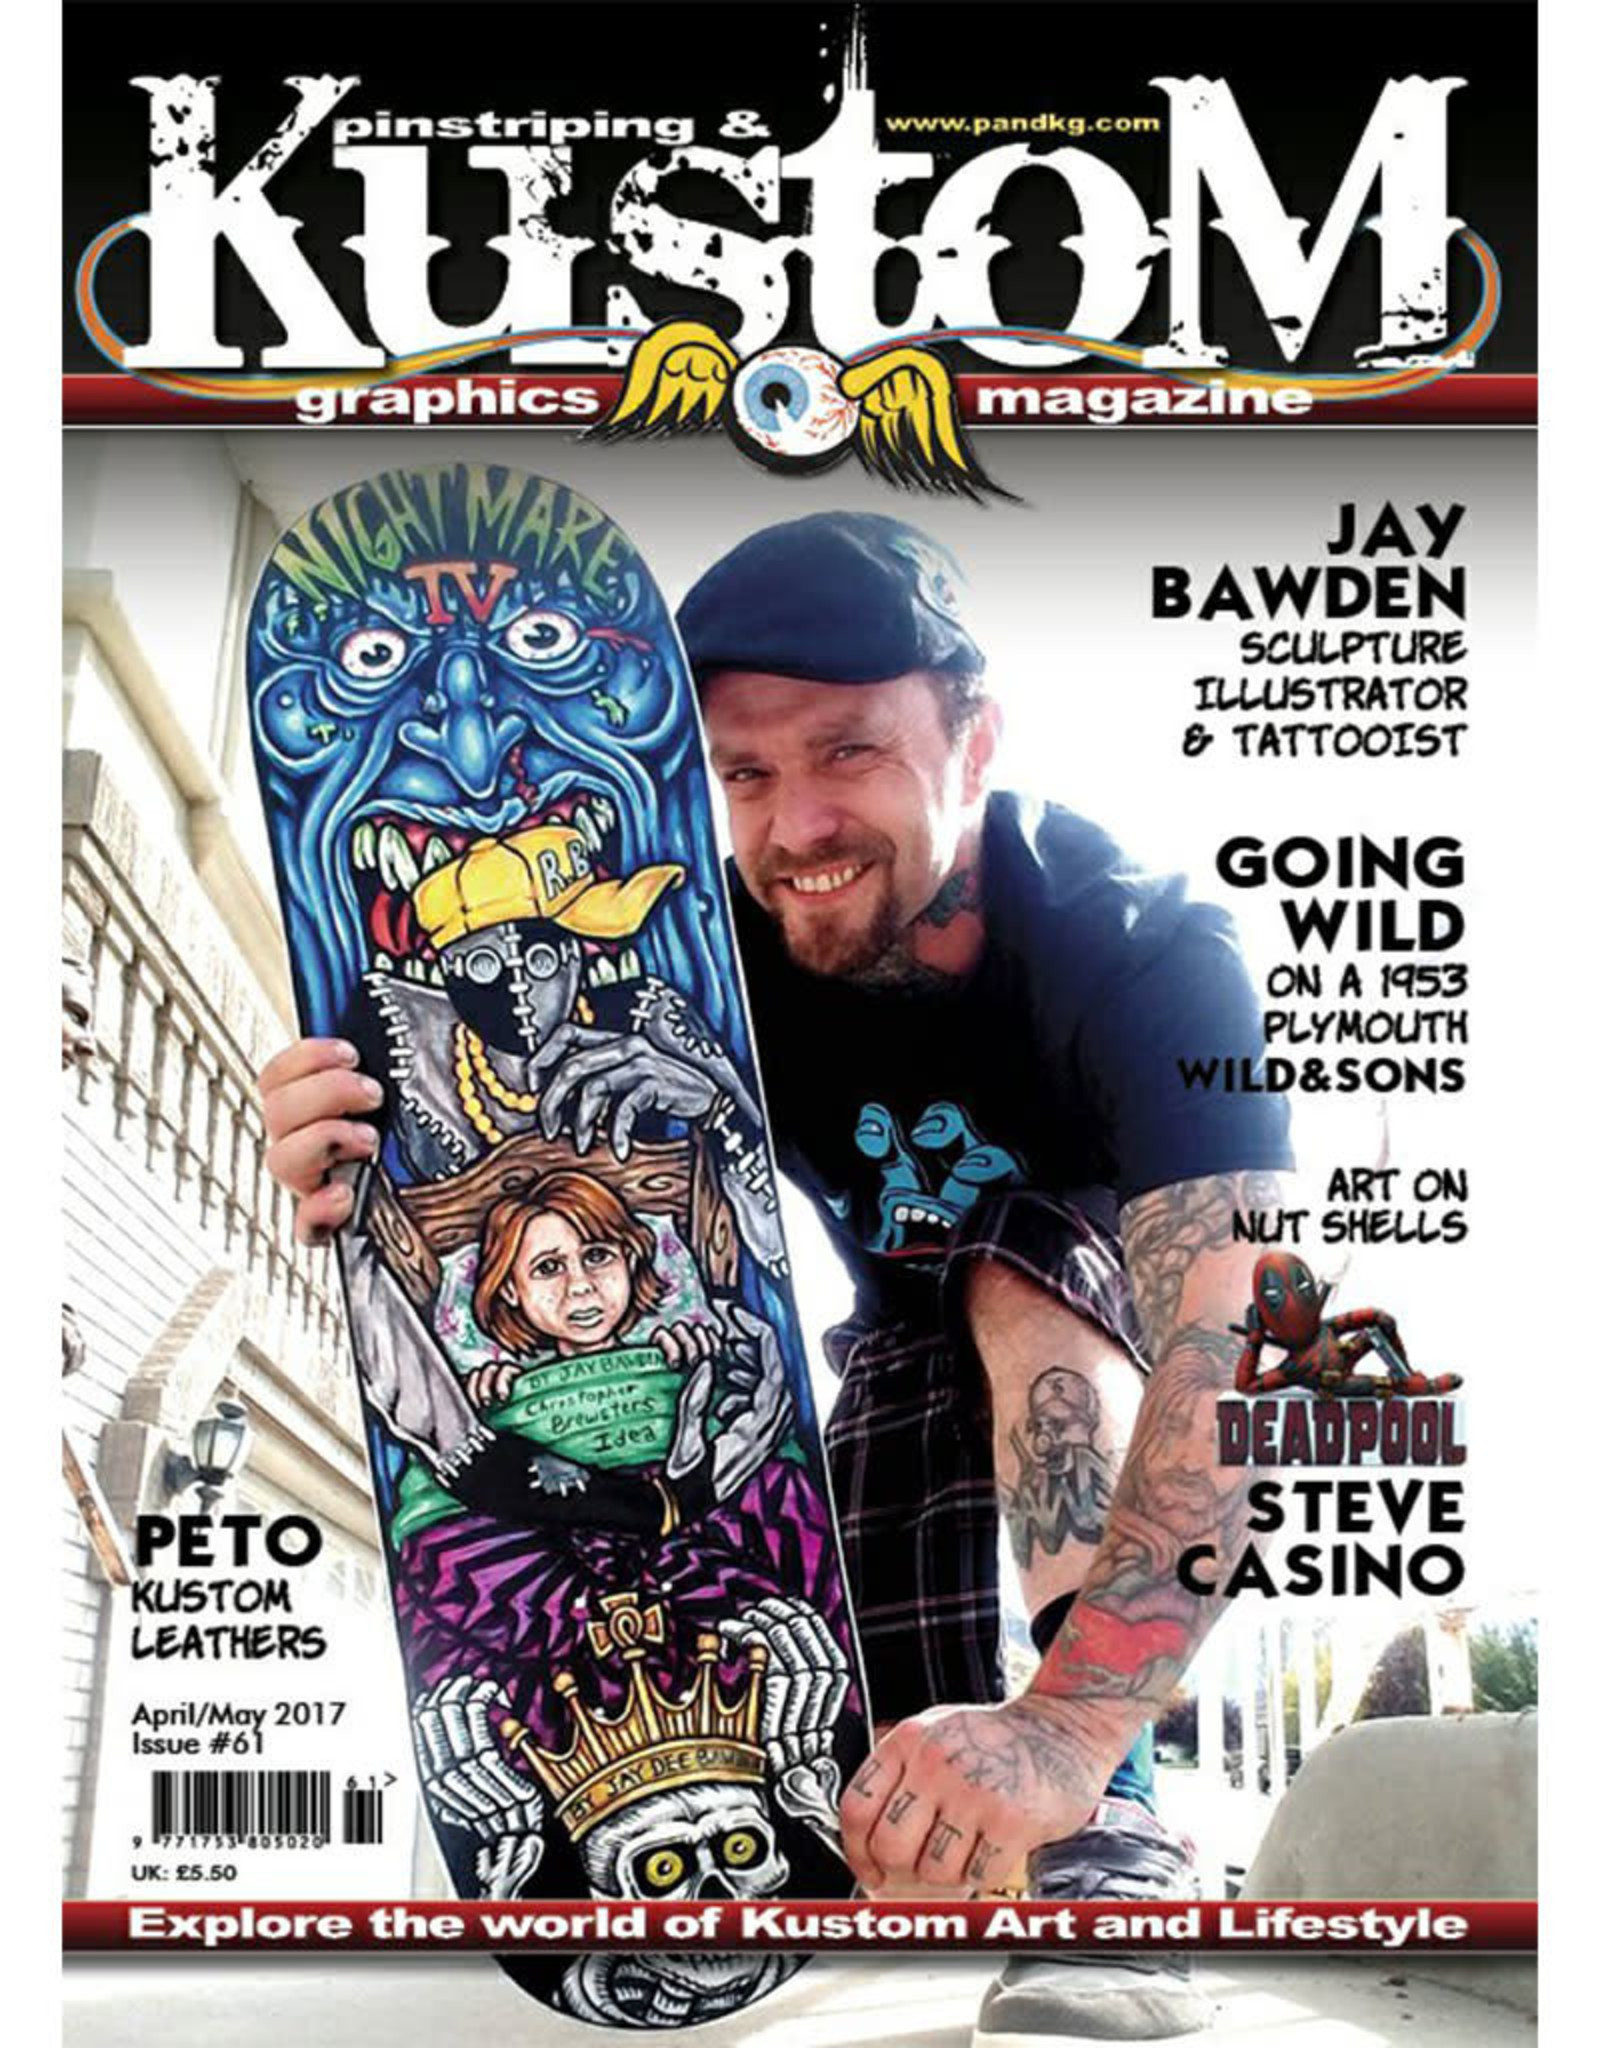 Pinstriping & Kustom Graphics magazine Pinstriping & Kustom graphics magazine #61